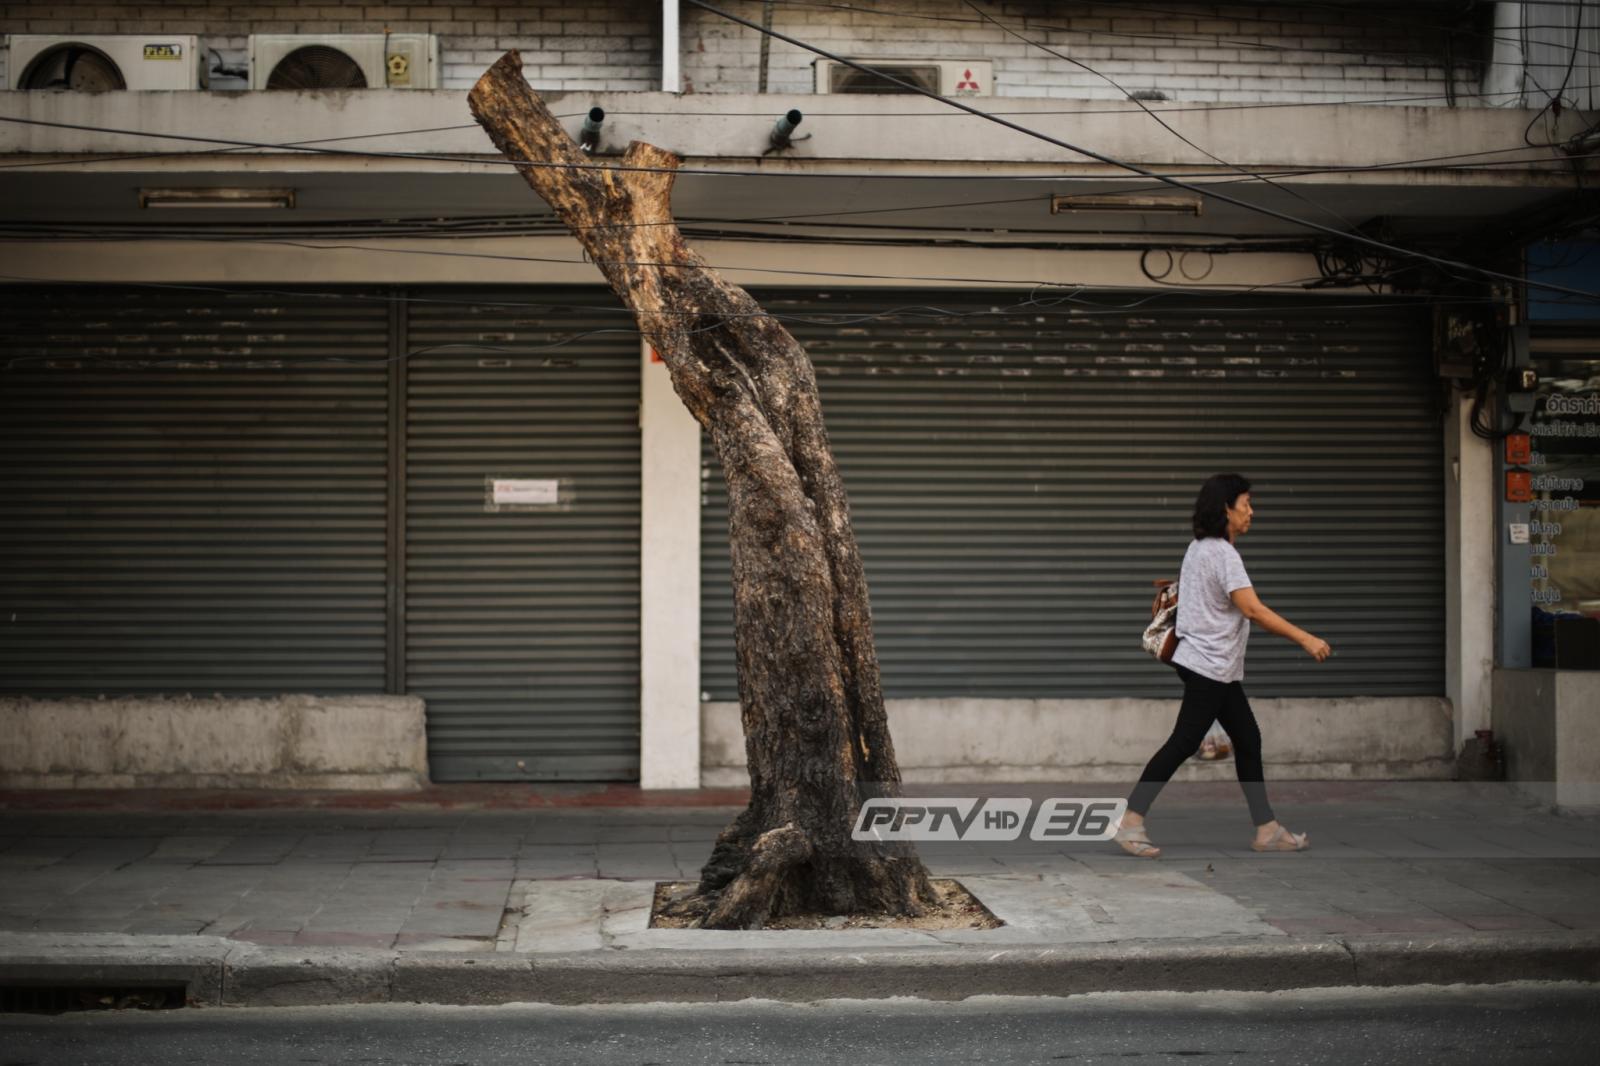 ผอ.เขตจตุจักรสั่งปรับ บ.อิตาเลียนไทยฯ 170,000 บาทตัดต้นไม้พลการ